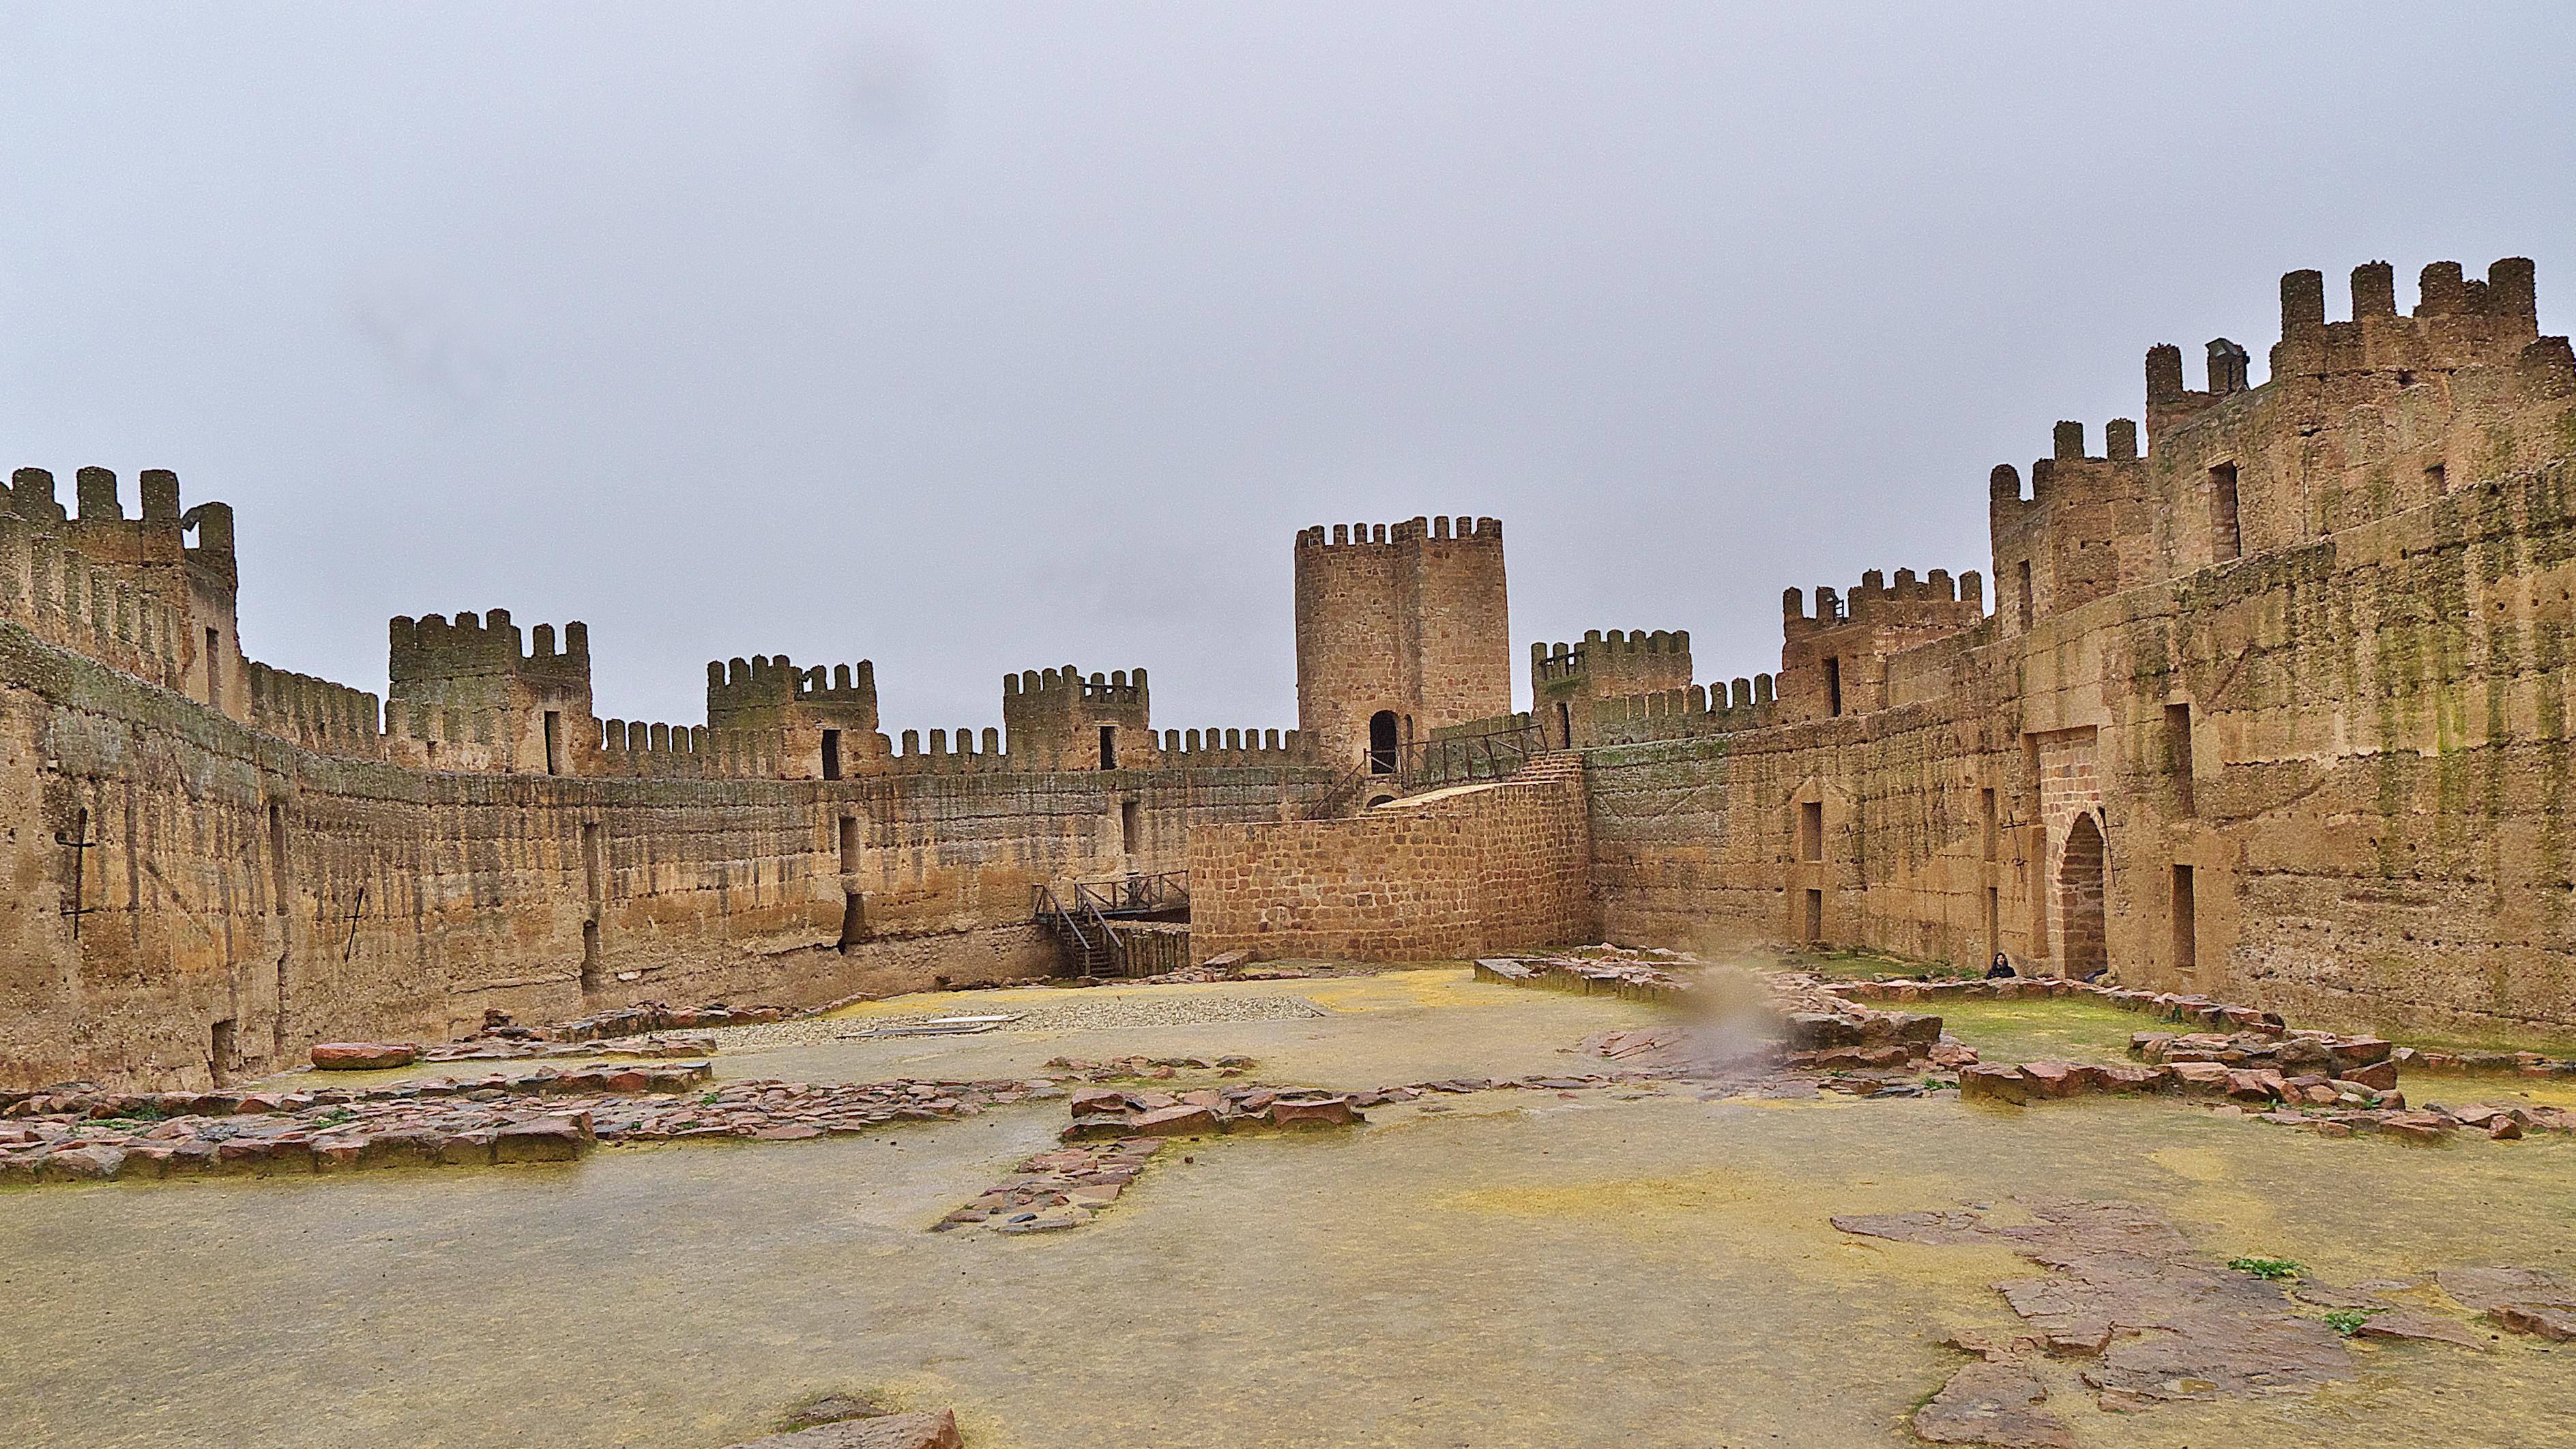 Archivo fortaleza de burgalimar ba os de la encina ja wikipedia la enciclopedia libre - Castillo de banos de la encina ...